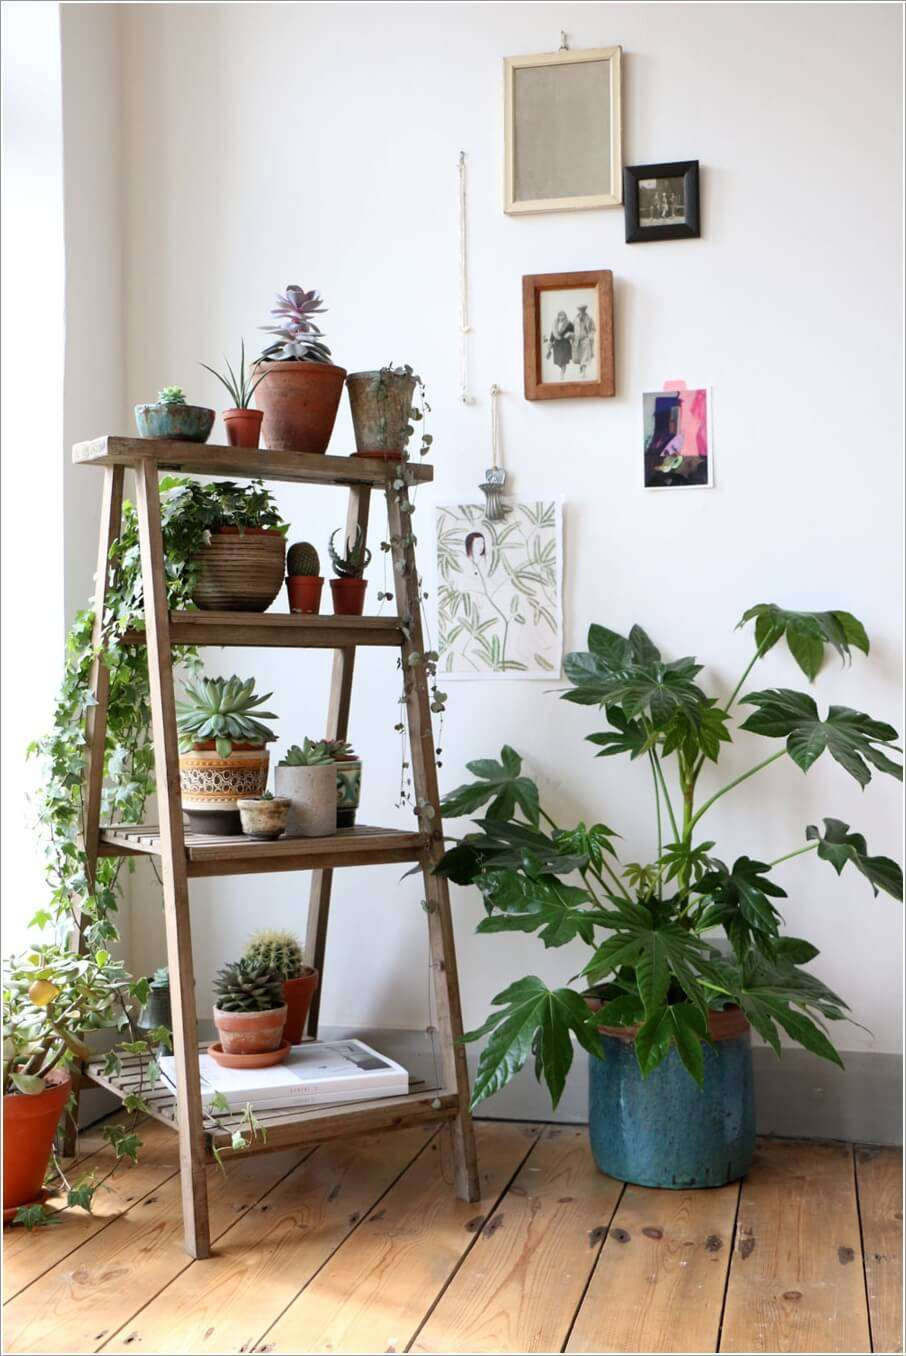 15-ideas-to-display-indoor-plants (6)